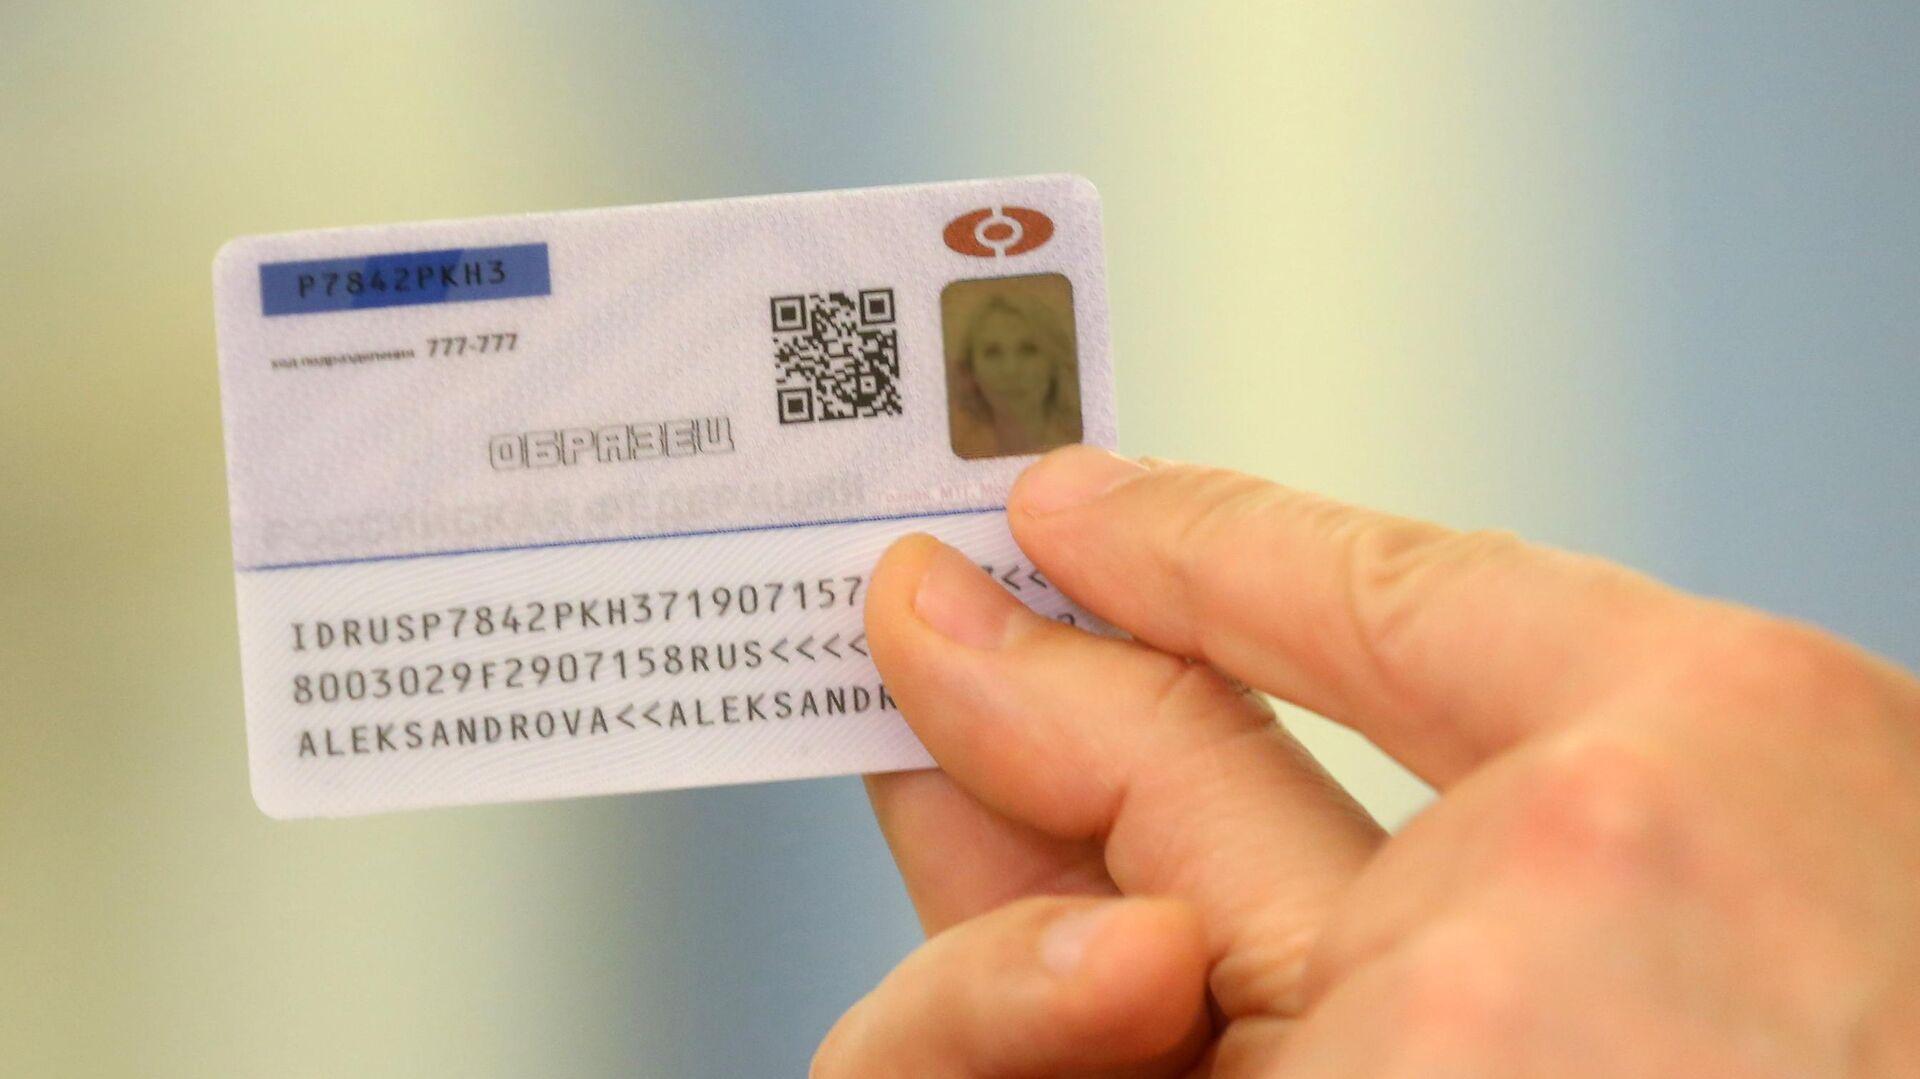 Демонстрация образца электронного паспорта  - РИА Новости, 1920, 11.08.2020